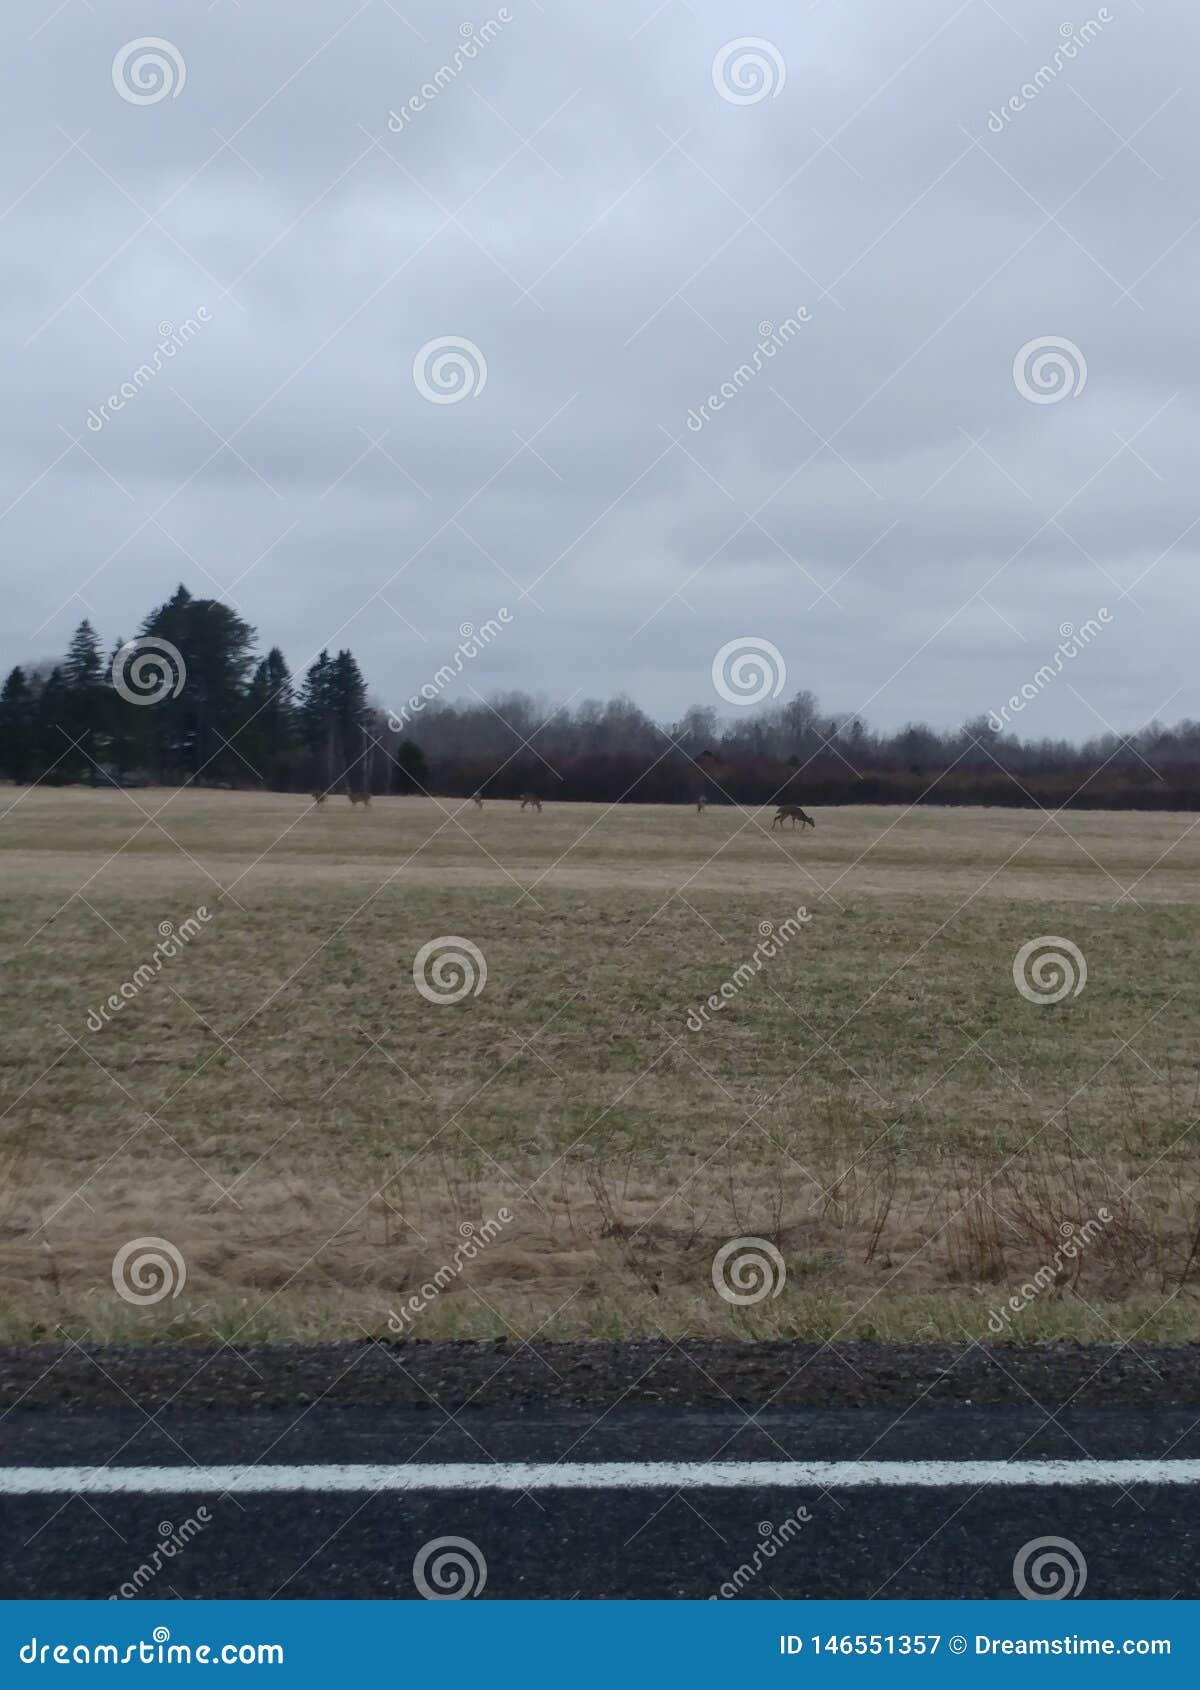 Олени пася, открытое поле, спокойствие, спокойствие, настолько близко пока до сих пор